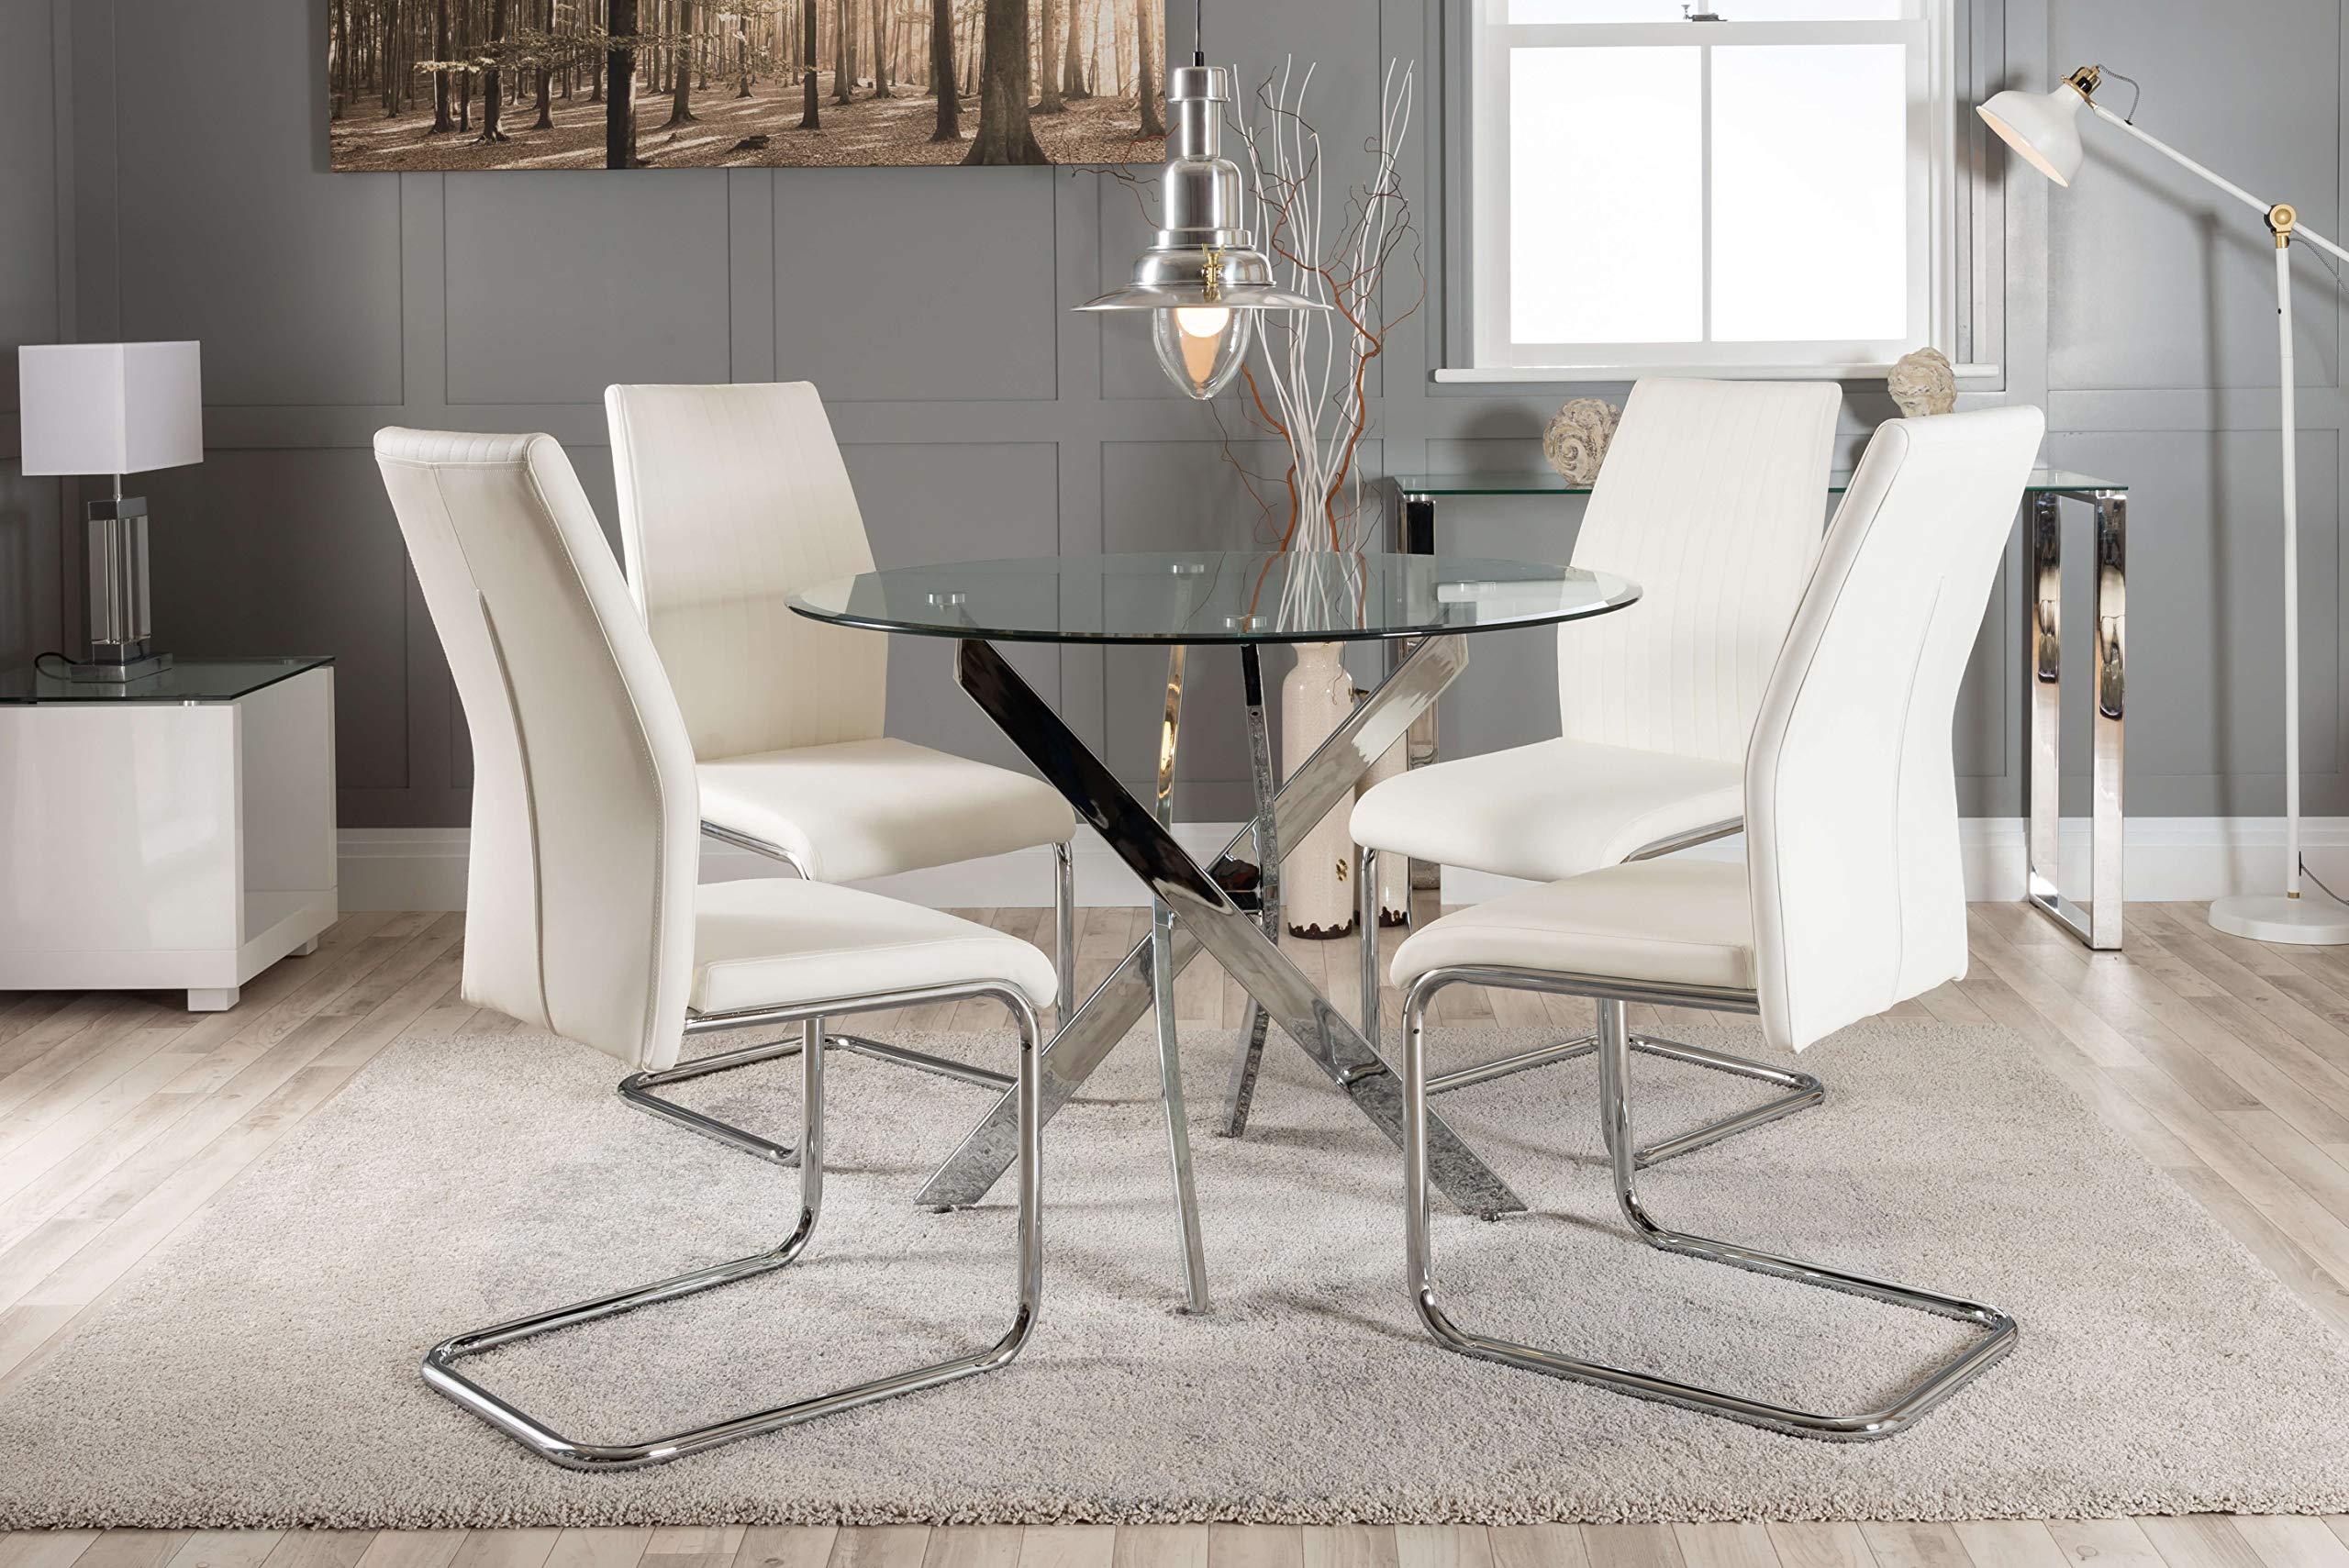 Furniturebox Uk Novara Chrome Metal Roun Buy Online In Bahamas At Desertcart